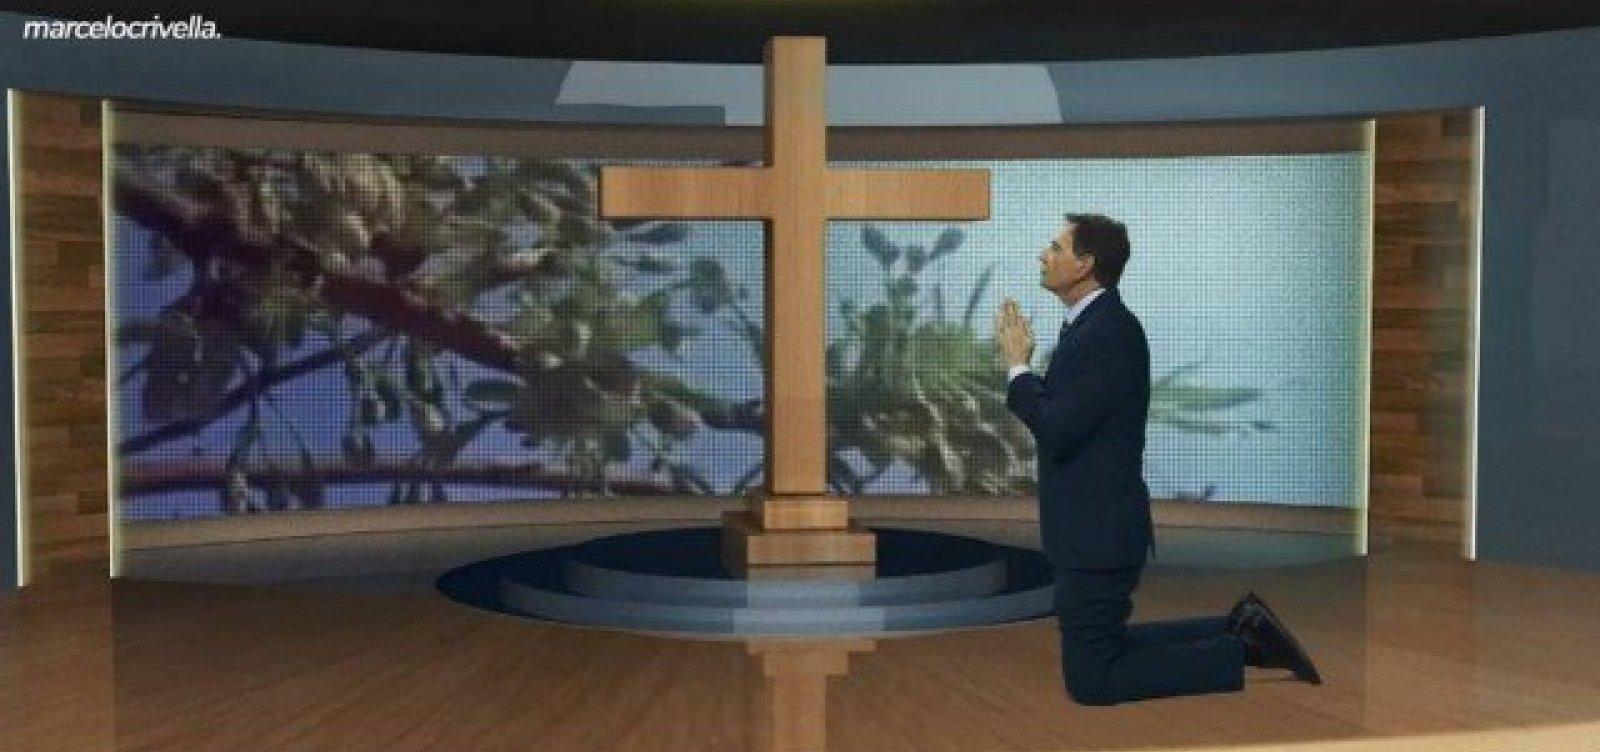 [Covid-19: Crivella faz oração de joelhos em vídeo e pede a Deus 'que essa doença vá embora']